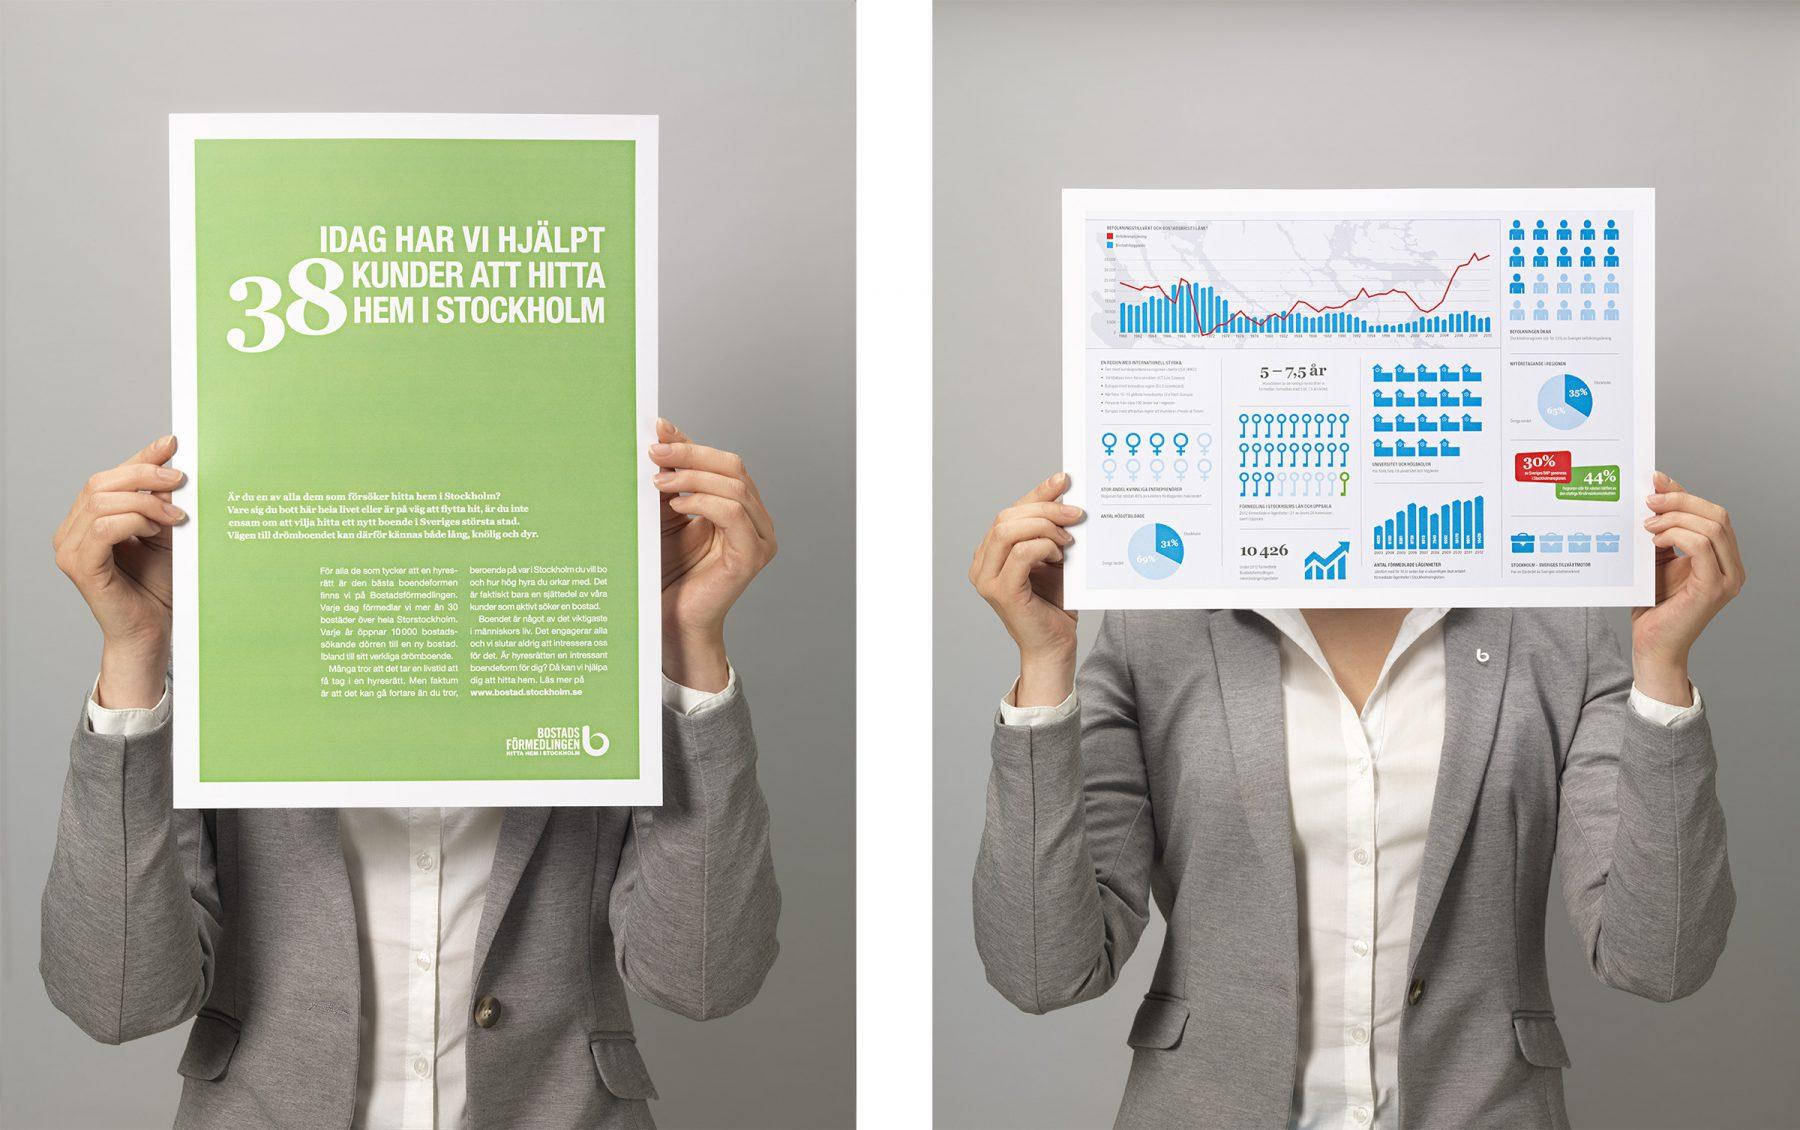 Bostadsformedlingen informationsgrafik